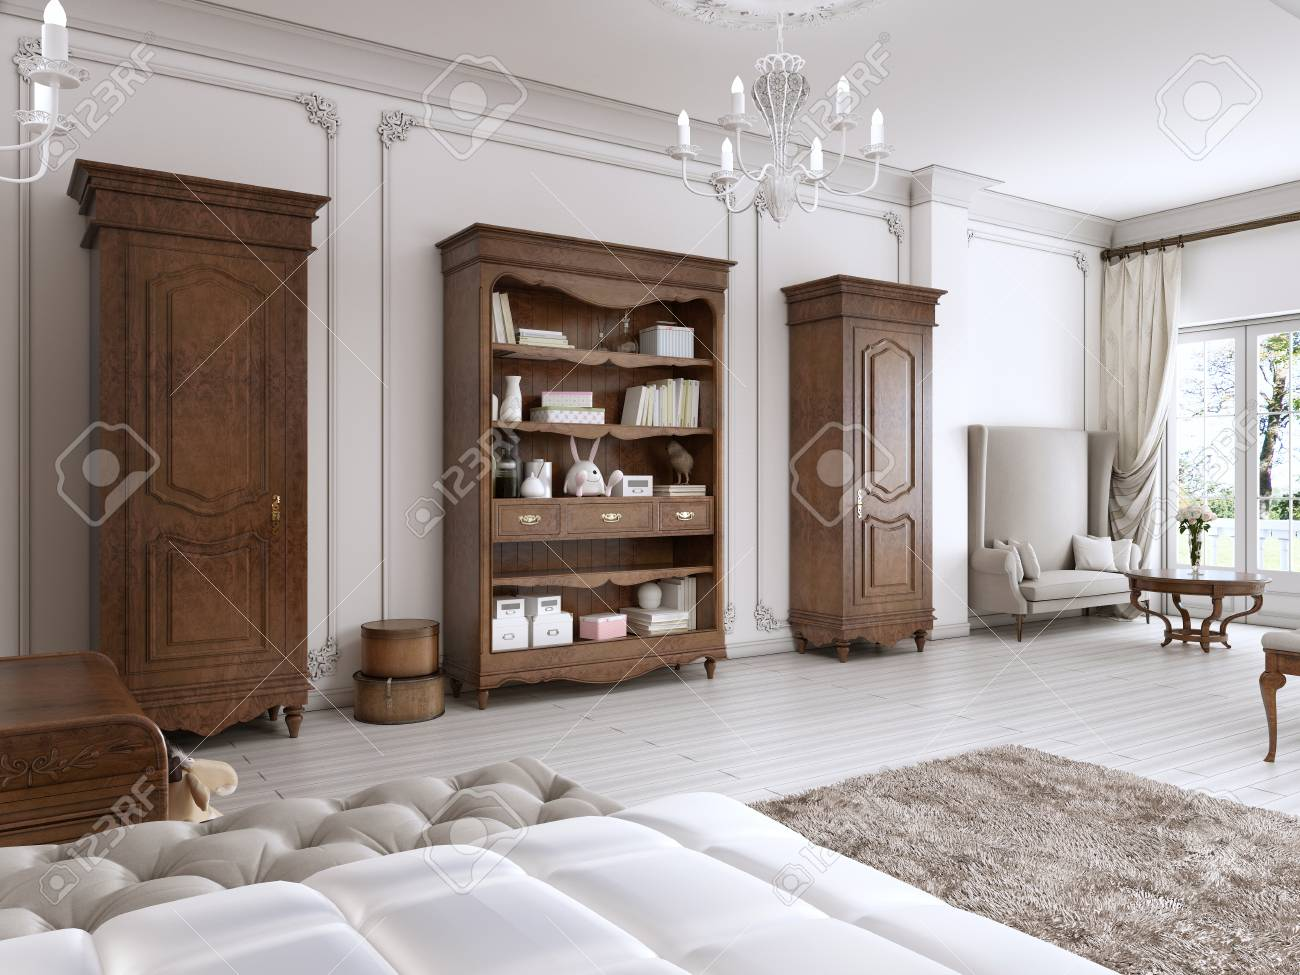 Künstlerisch Möbel Für Kinderzimmer Ideen Von Standard-bild - Zwei Klassische Garderobe Und Regale